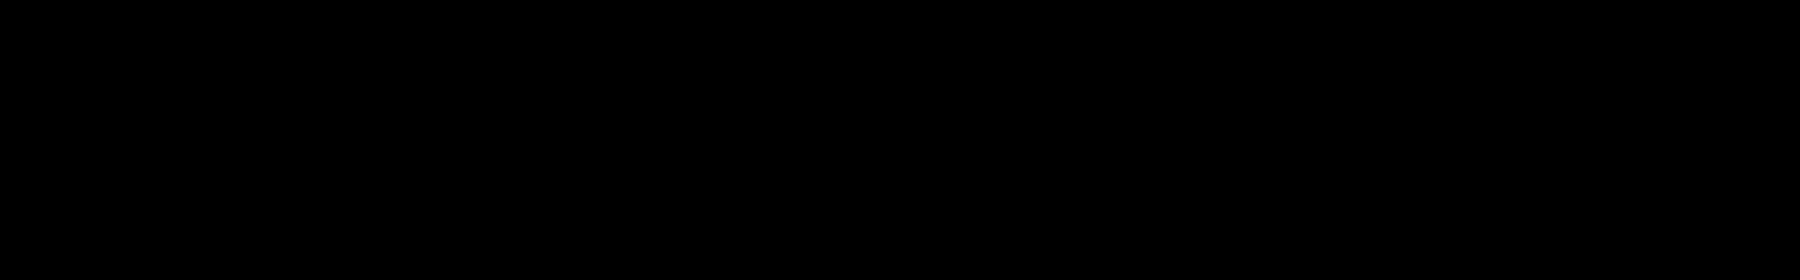 Mercy audio waveform